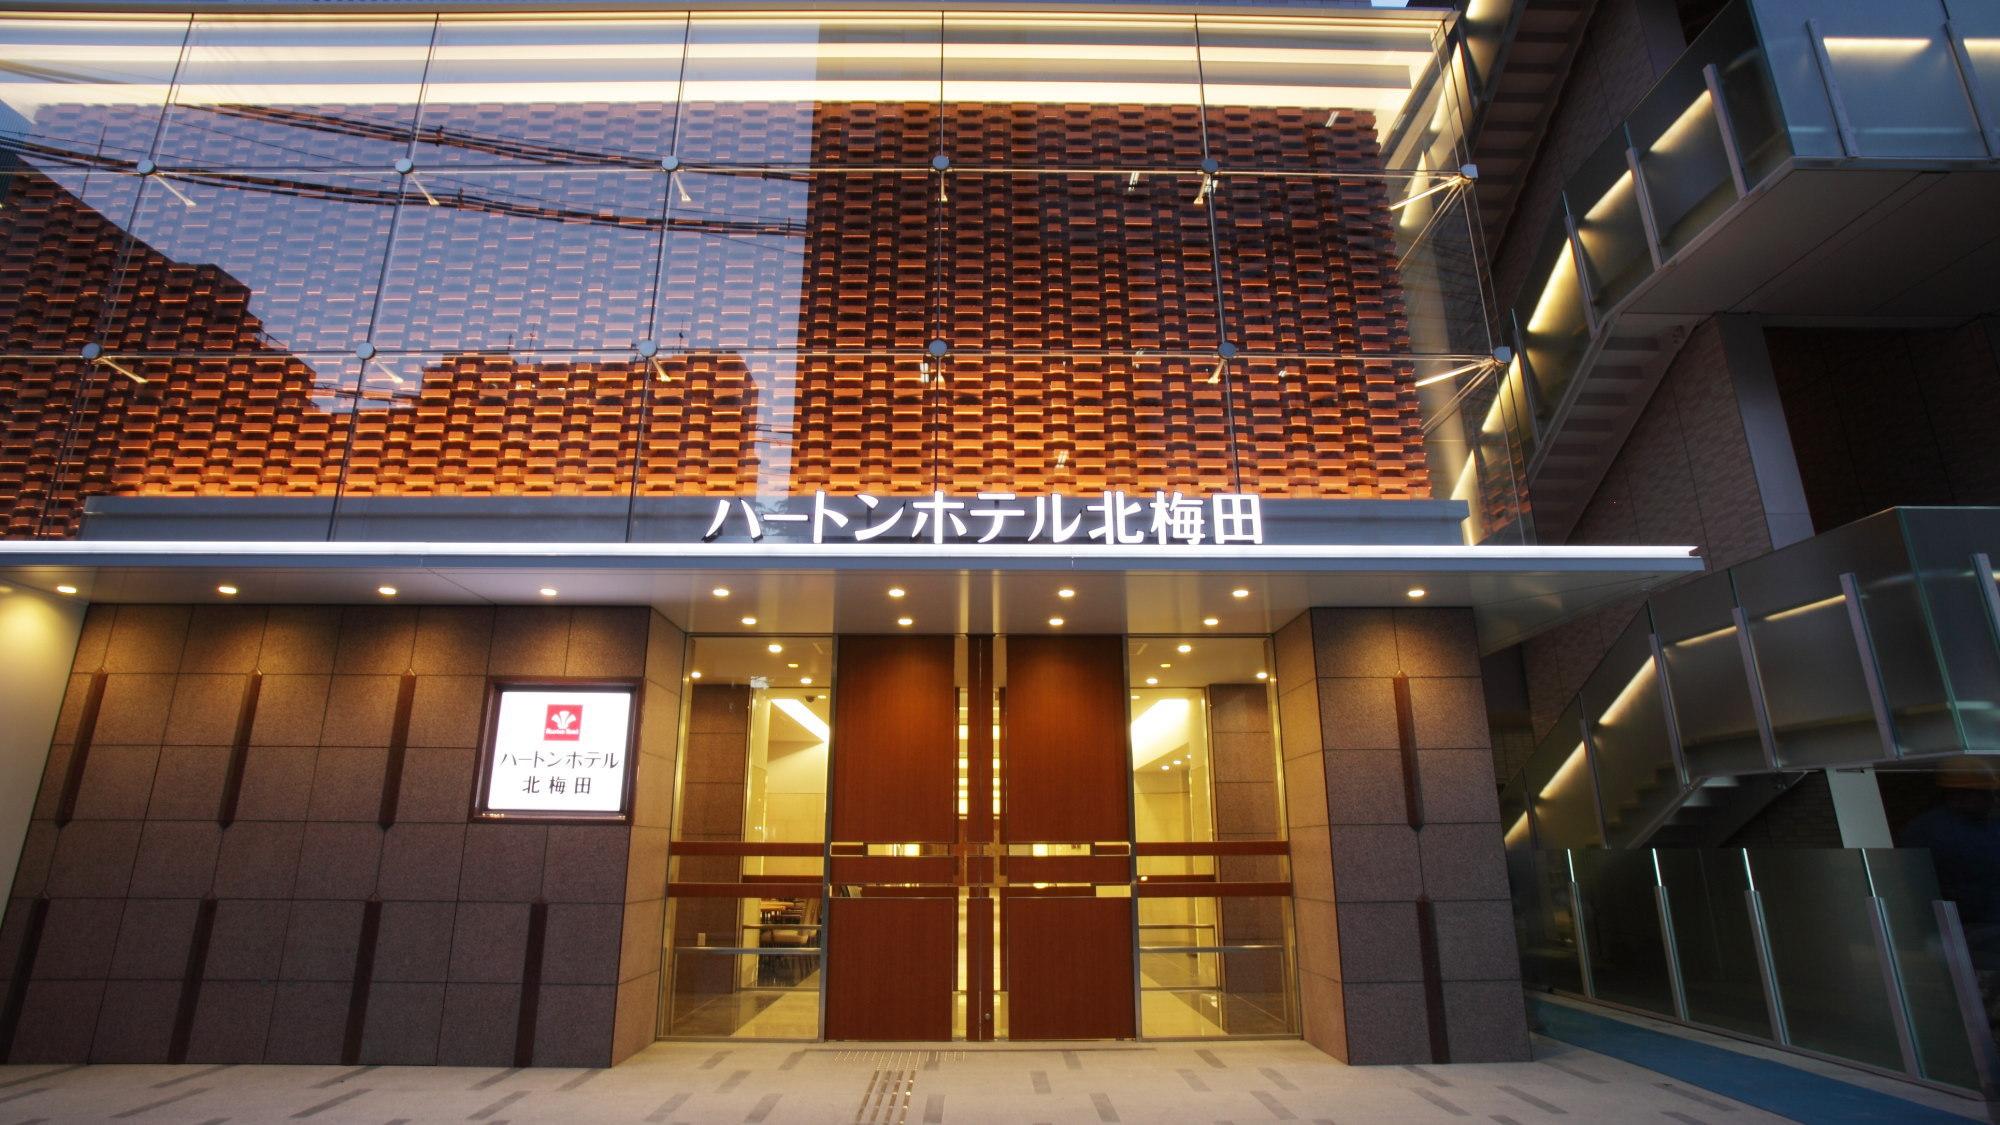 ハートン ホテル 北梅田◆楽天トラベル